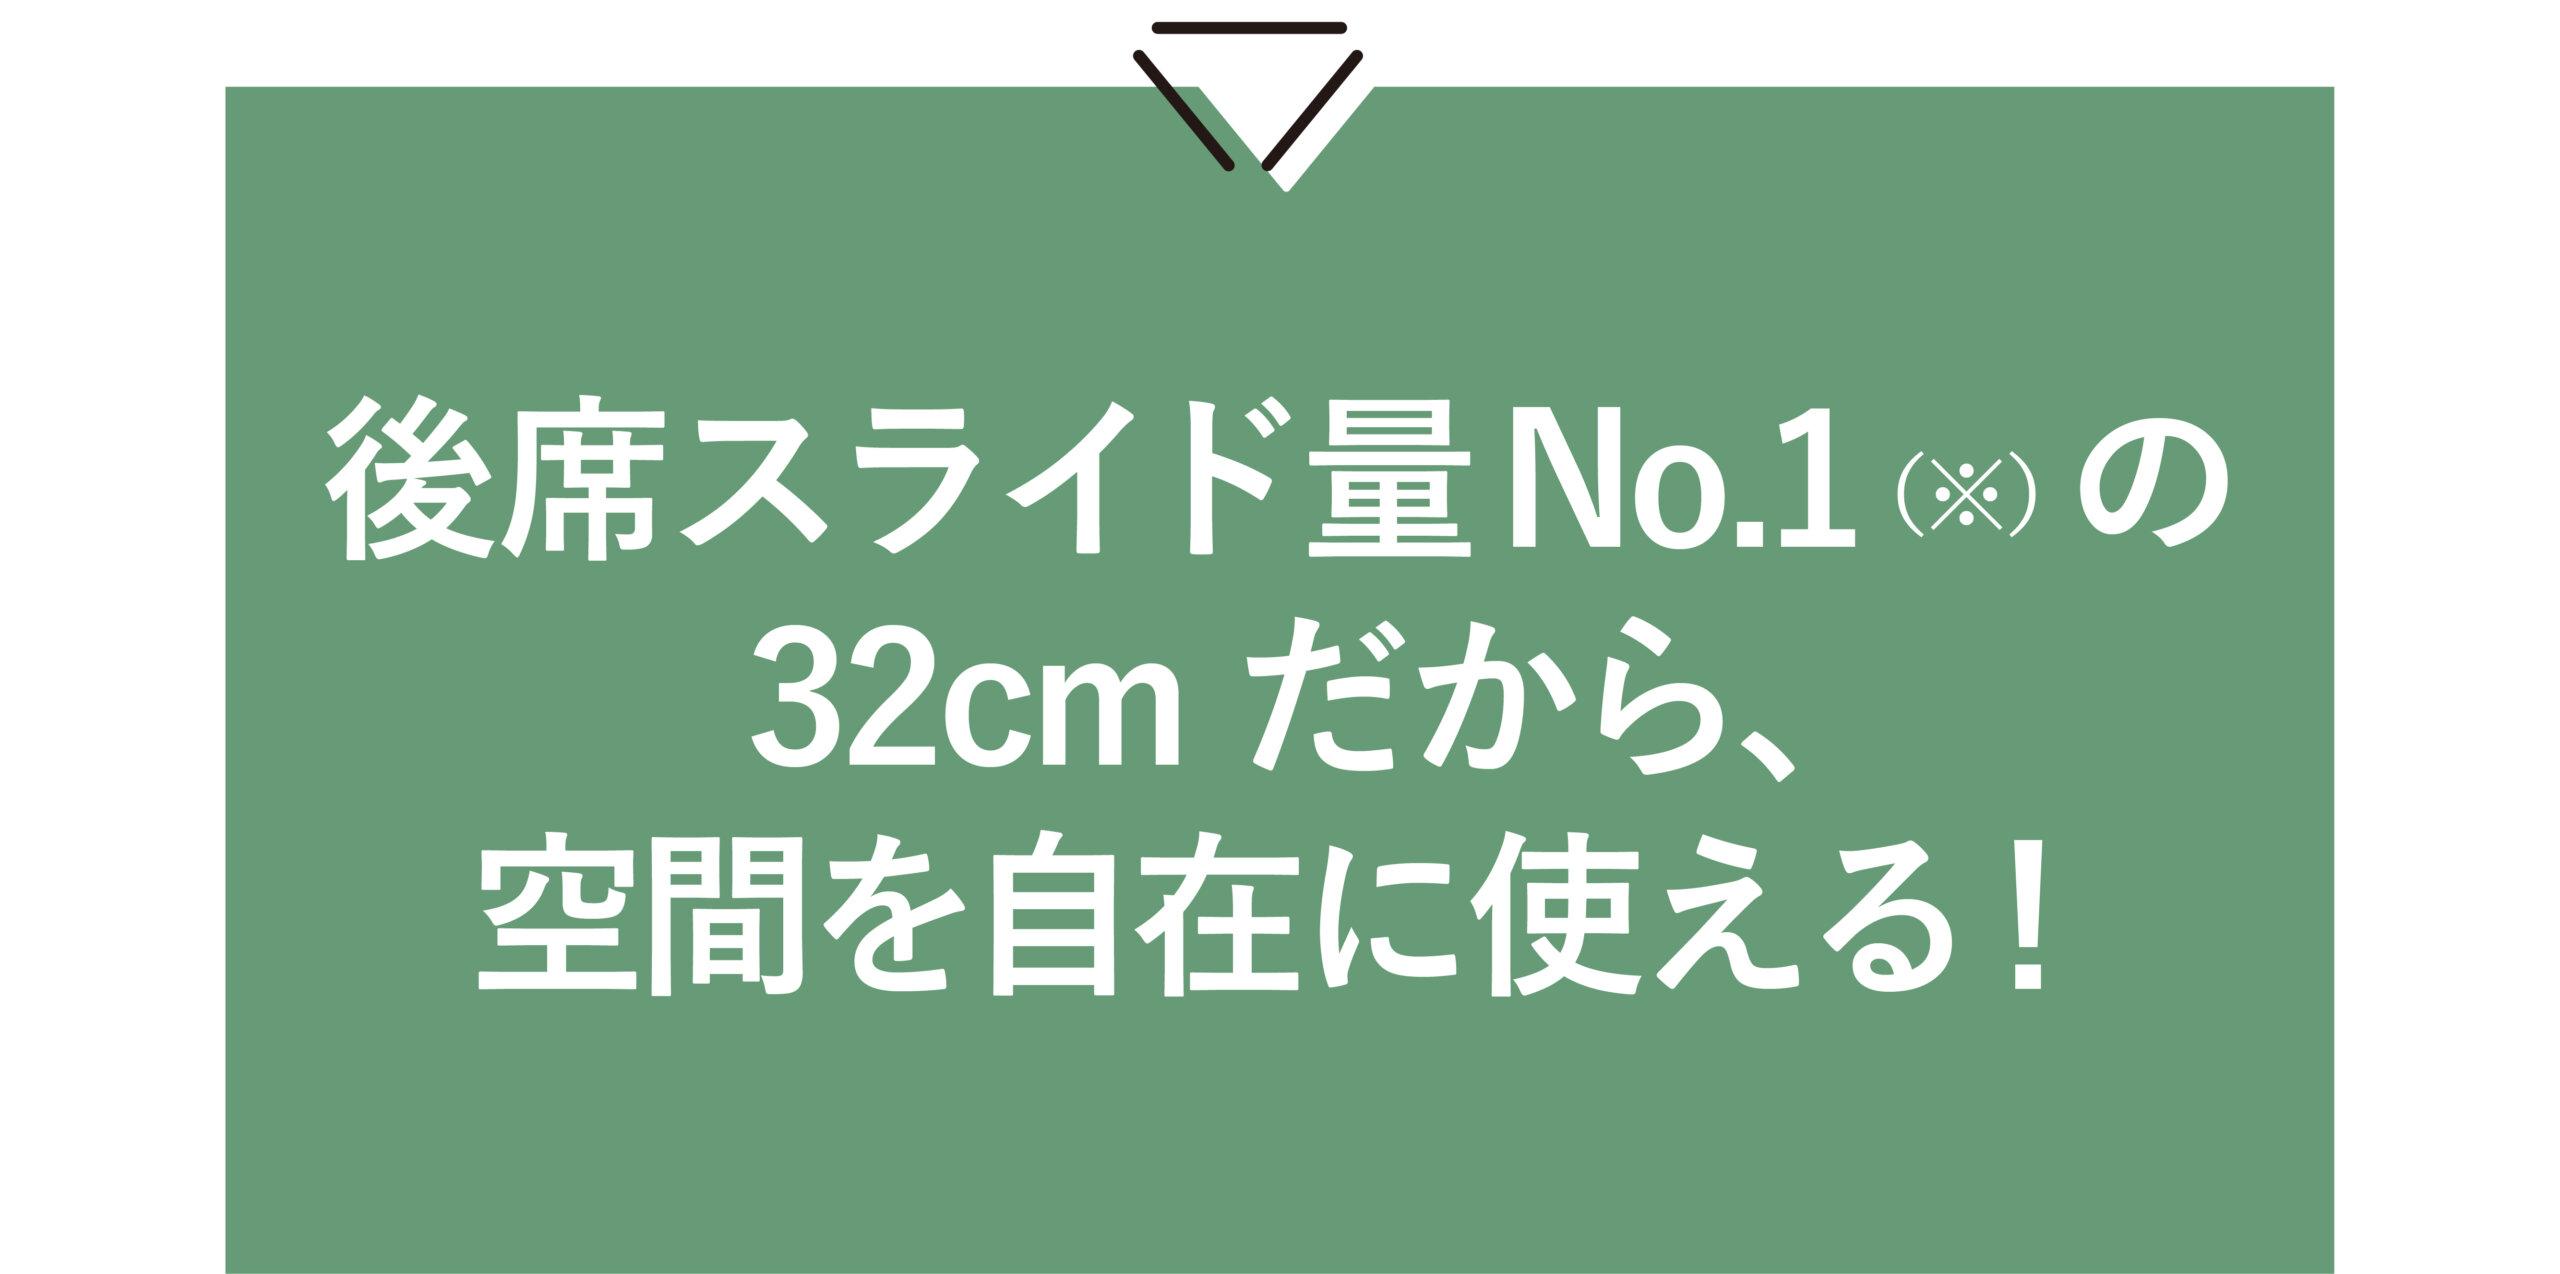 後席スライド量No.1(※)の32cmだから、 空間を自在に使える!